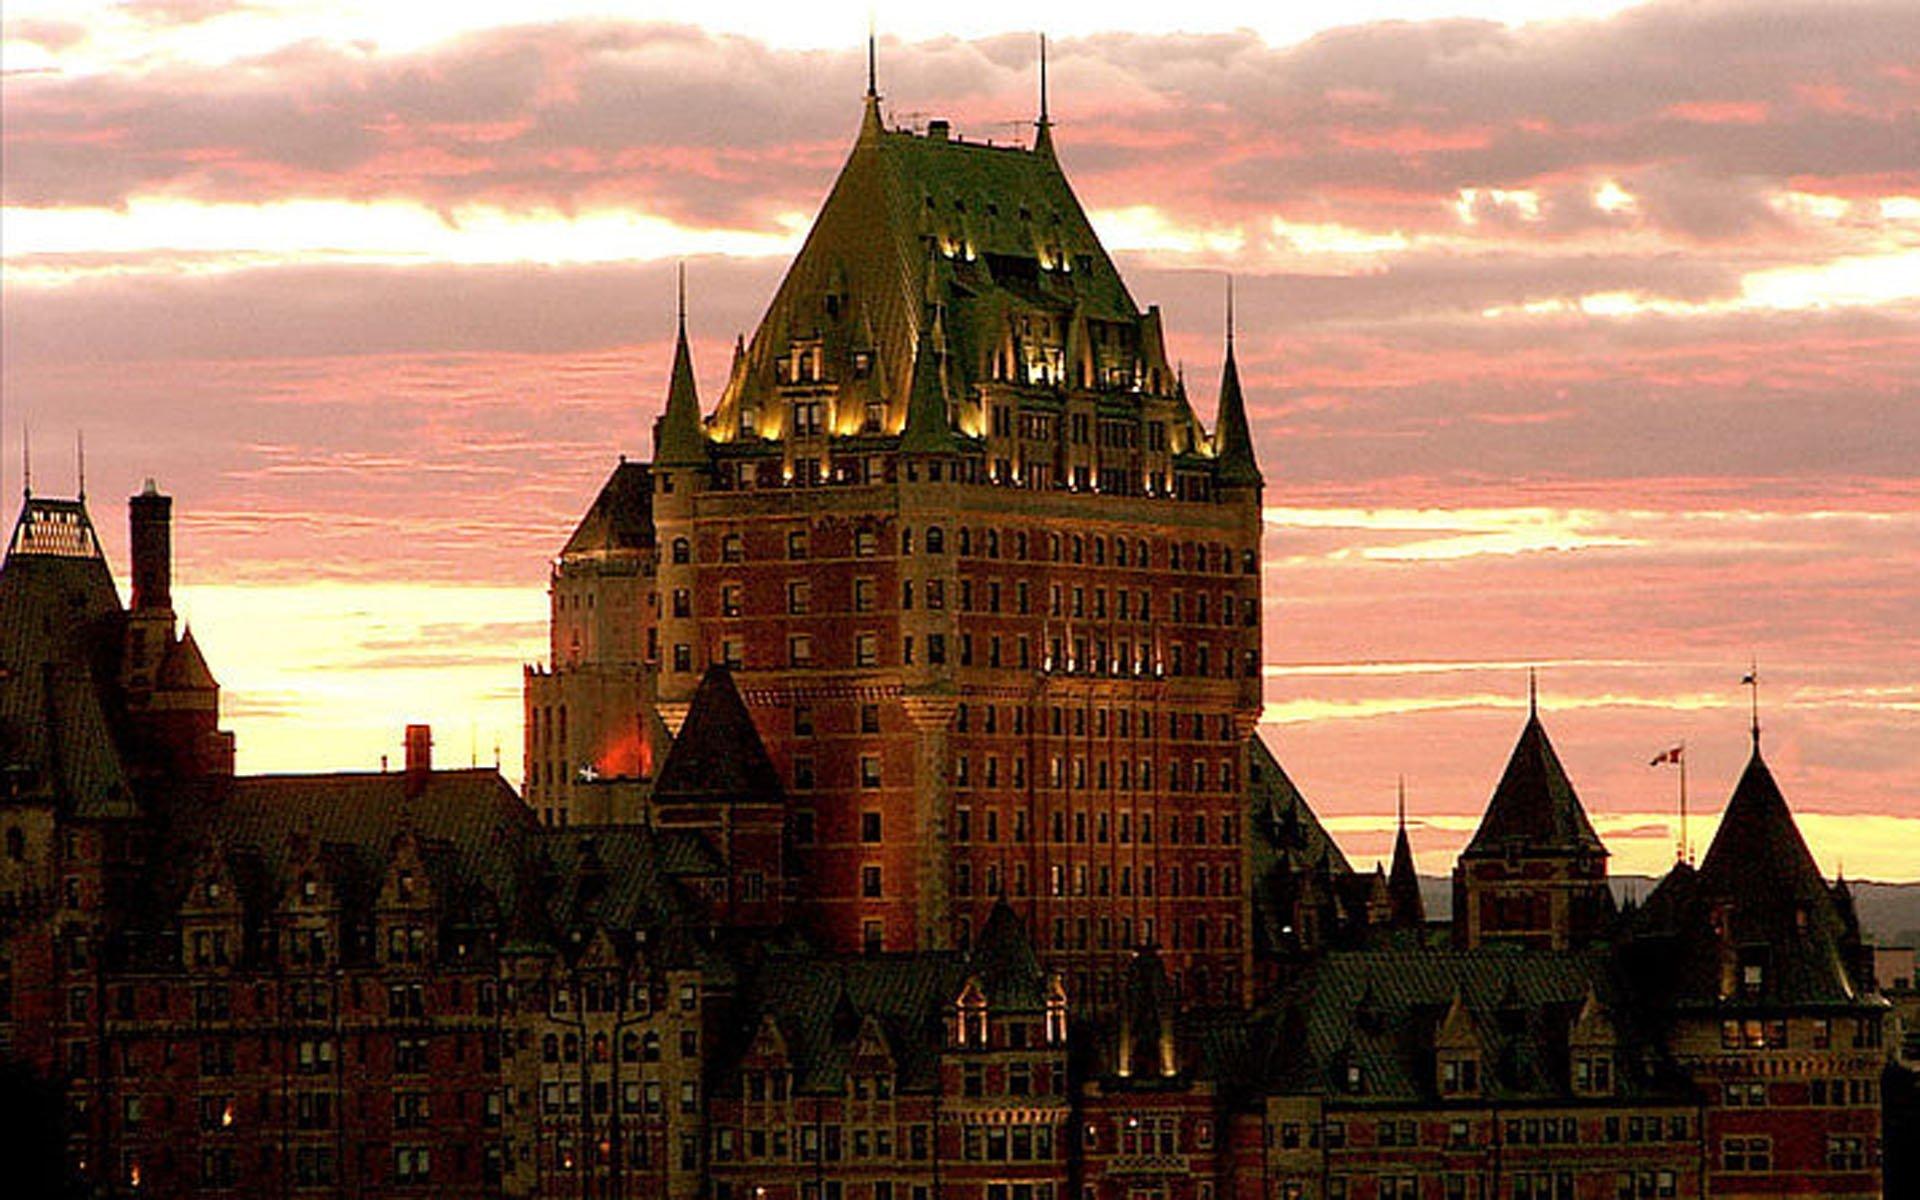 Quebec-City-for-desktop